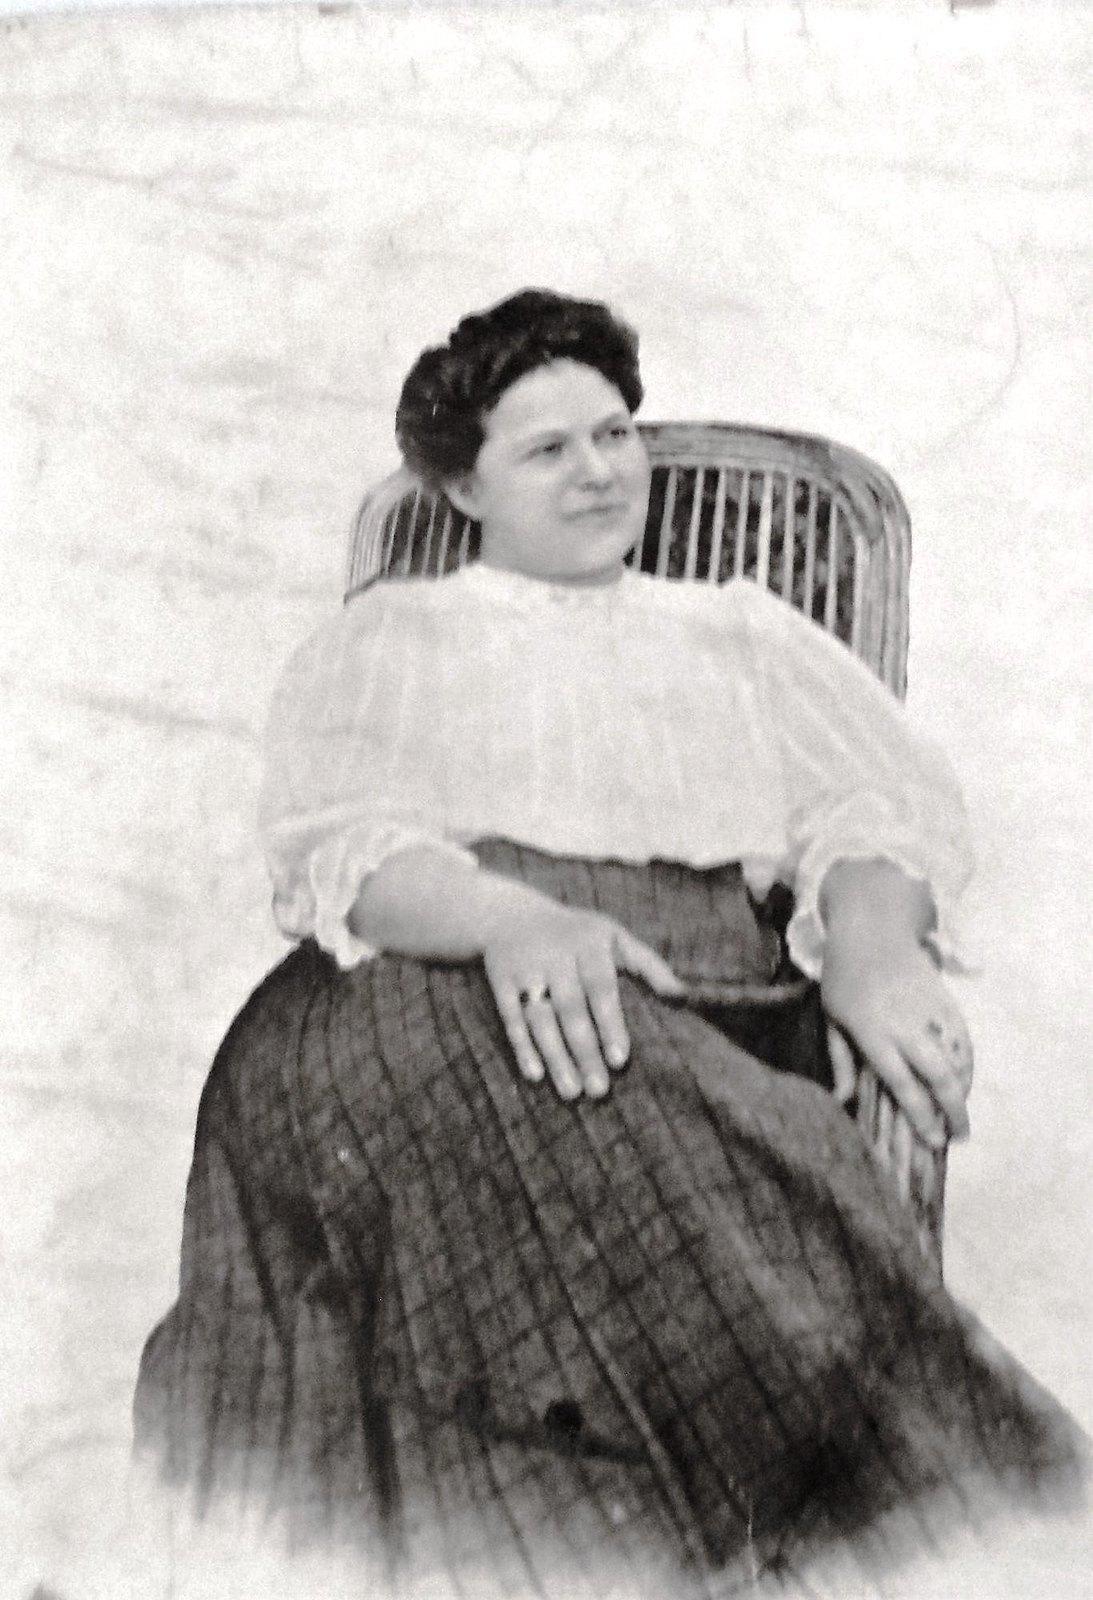 22. 1905. Мария Ивановна Благова (Сытина).Старшая дочь Ивана Дмитриевича, жена Ф.И.Благова. Умерла в 29 лет, оставив троих детей